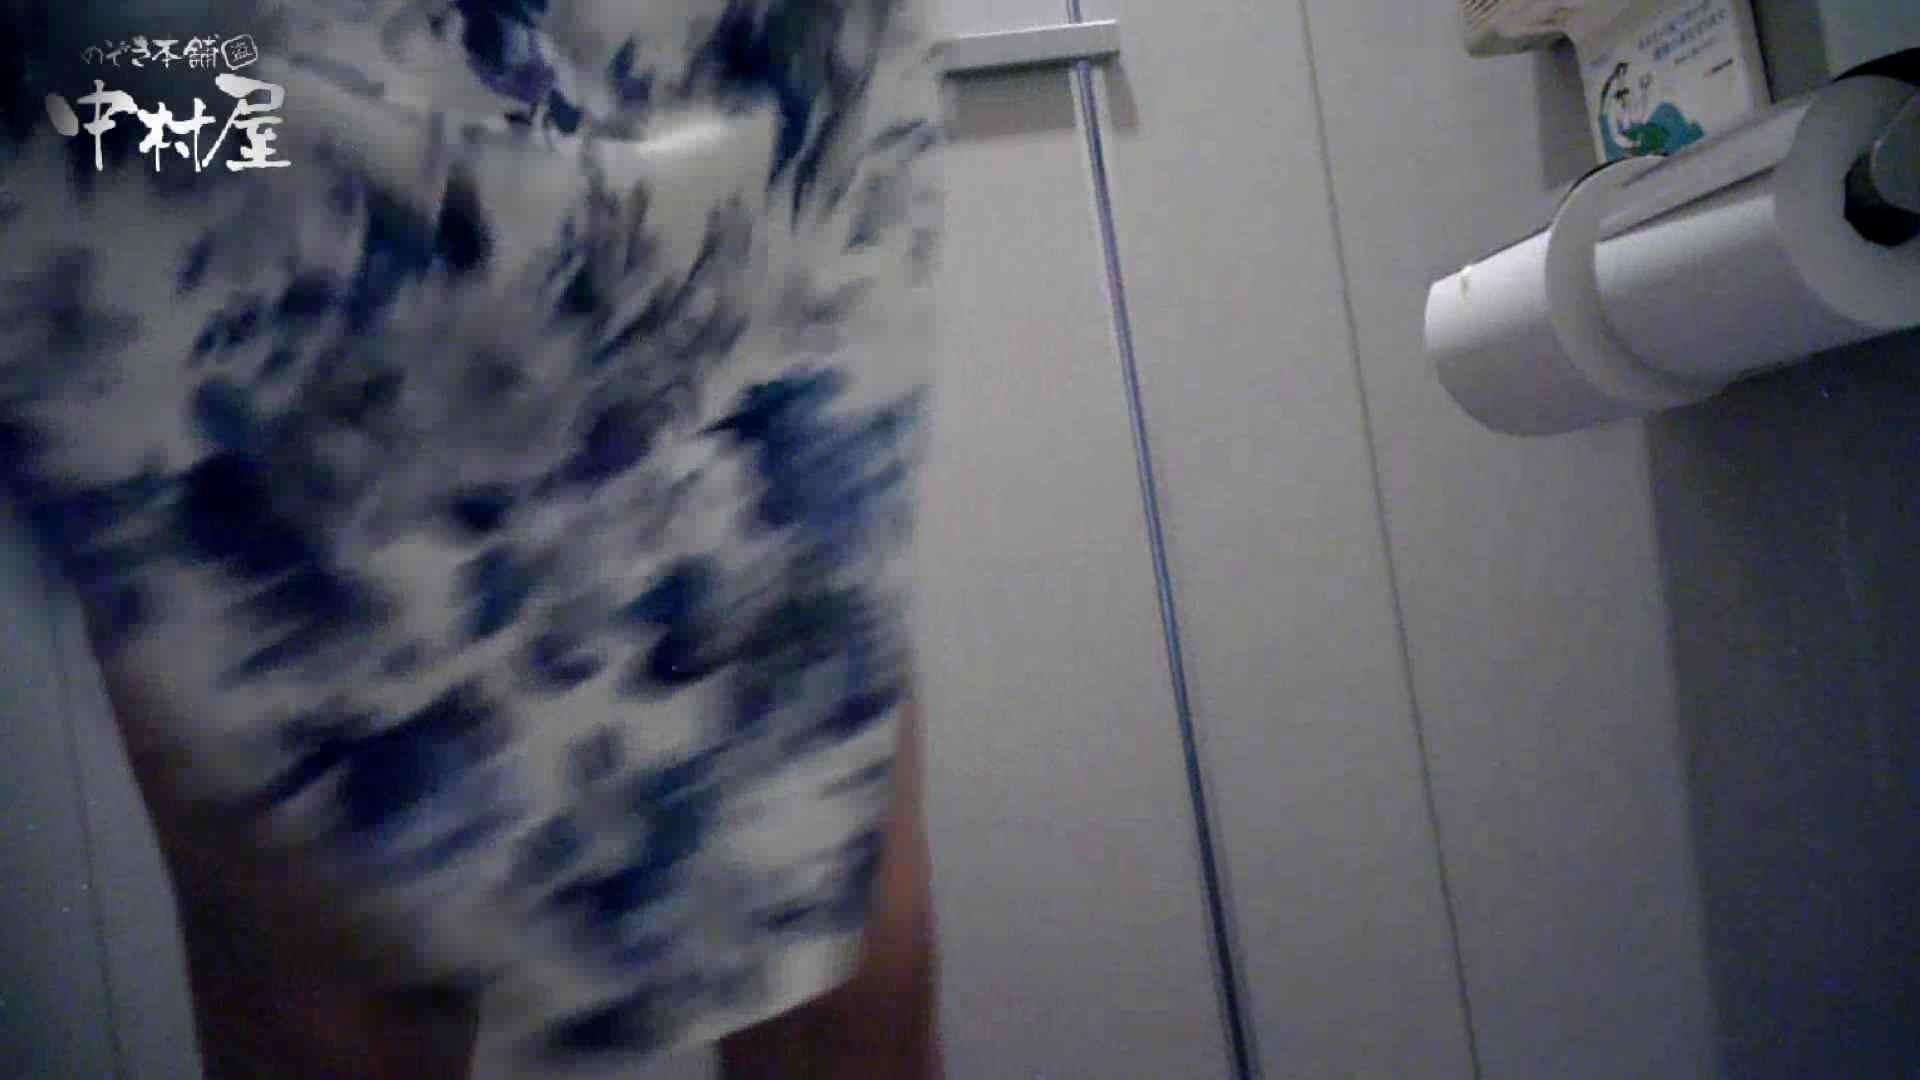 【某有名大学女性洗面所】有名大学女性洗面所 vol.40 ??おまじない的な動きをする子がいます。 潜入 われめAV動画紹介 12pic 12